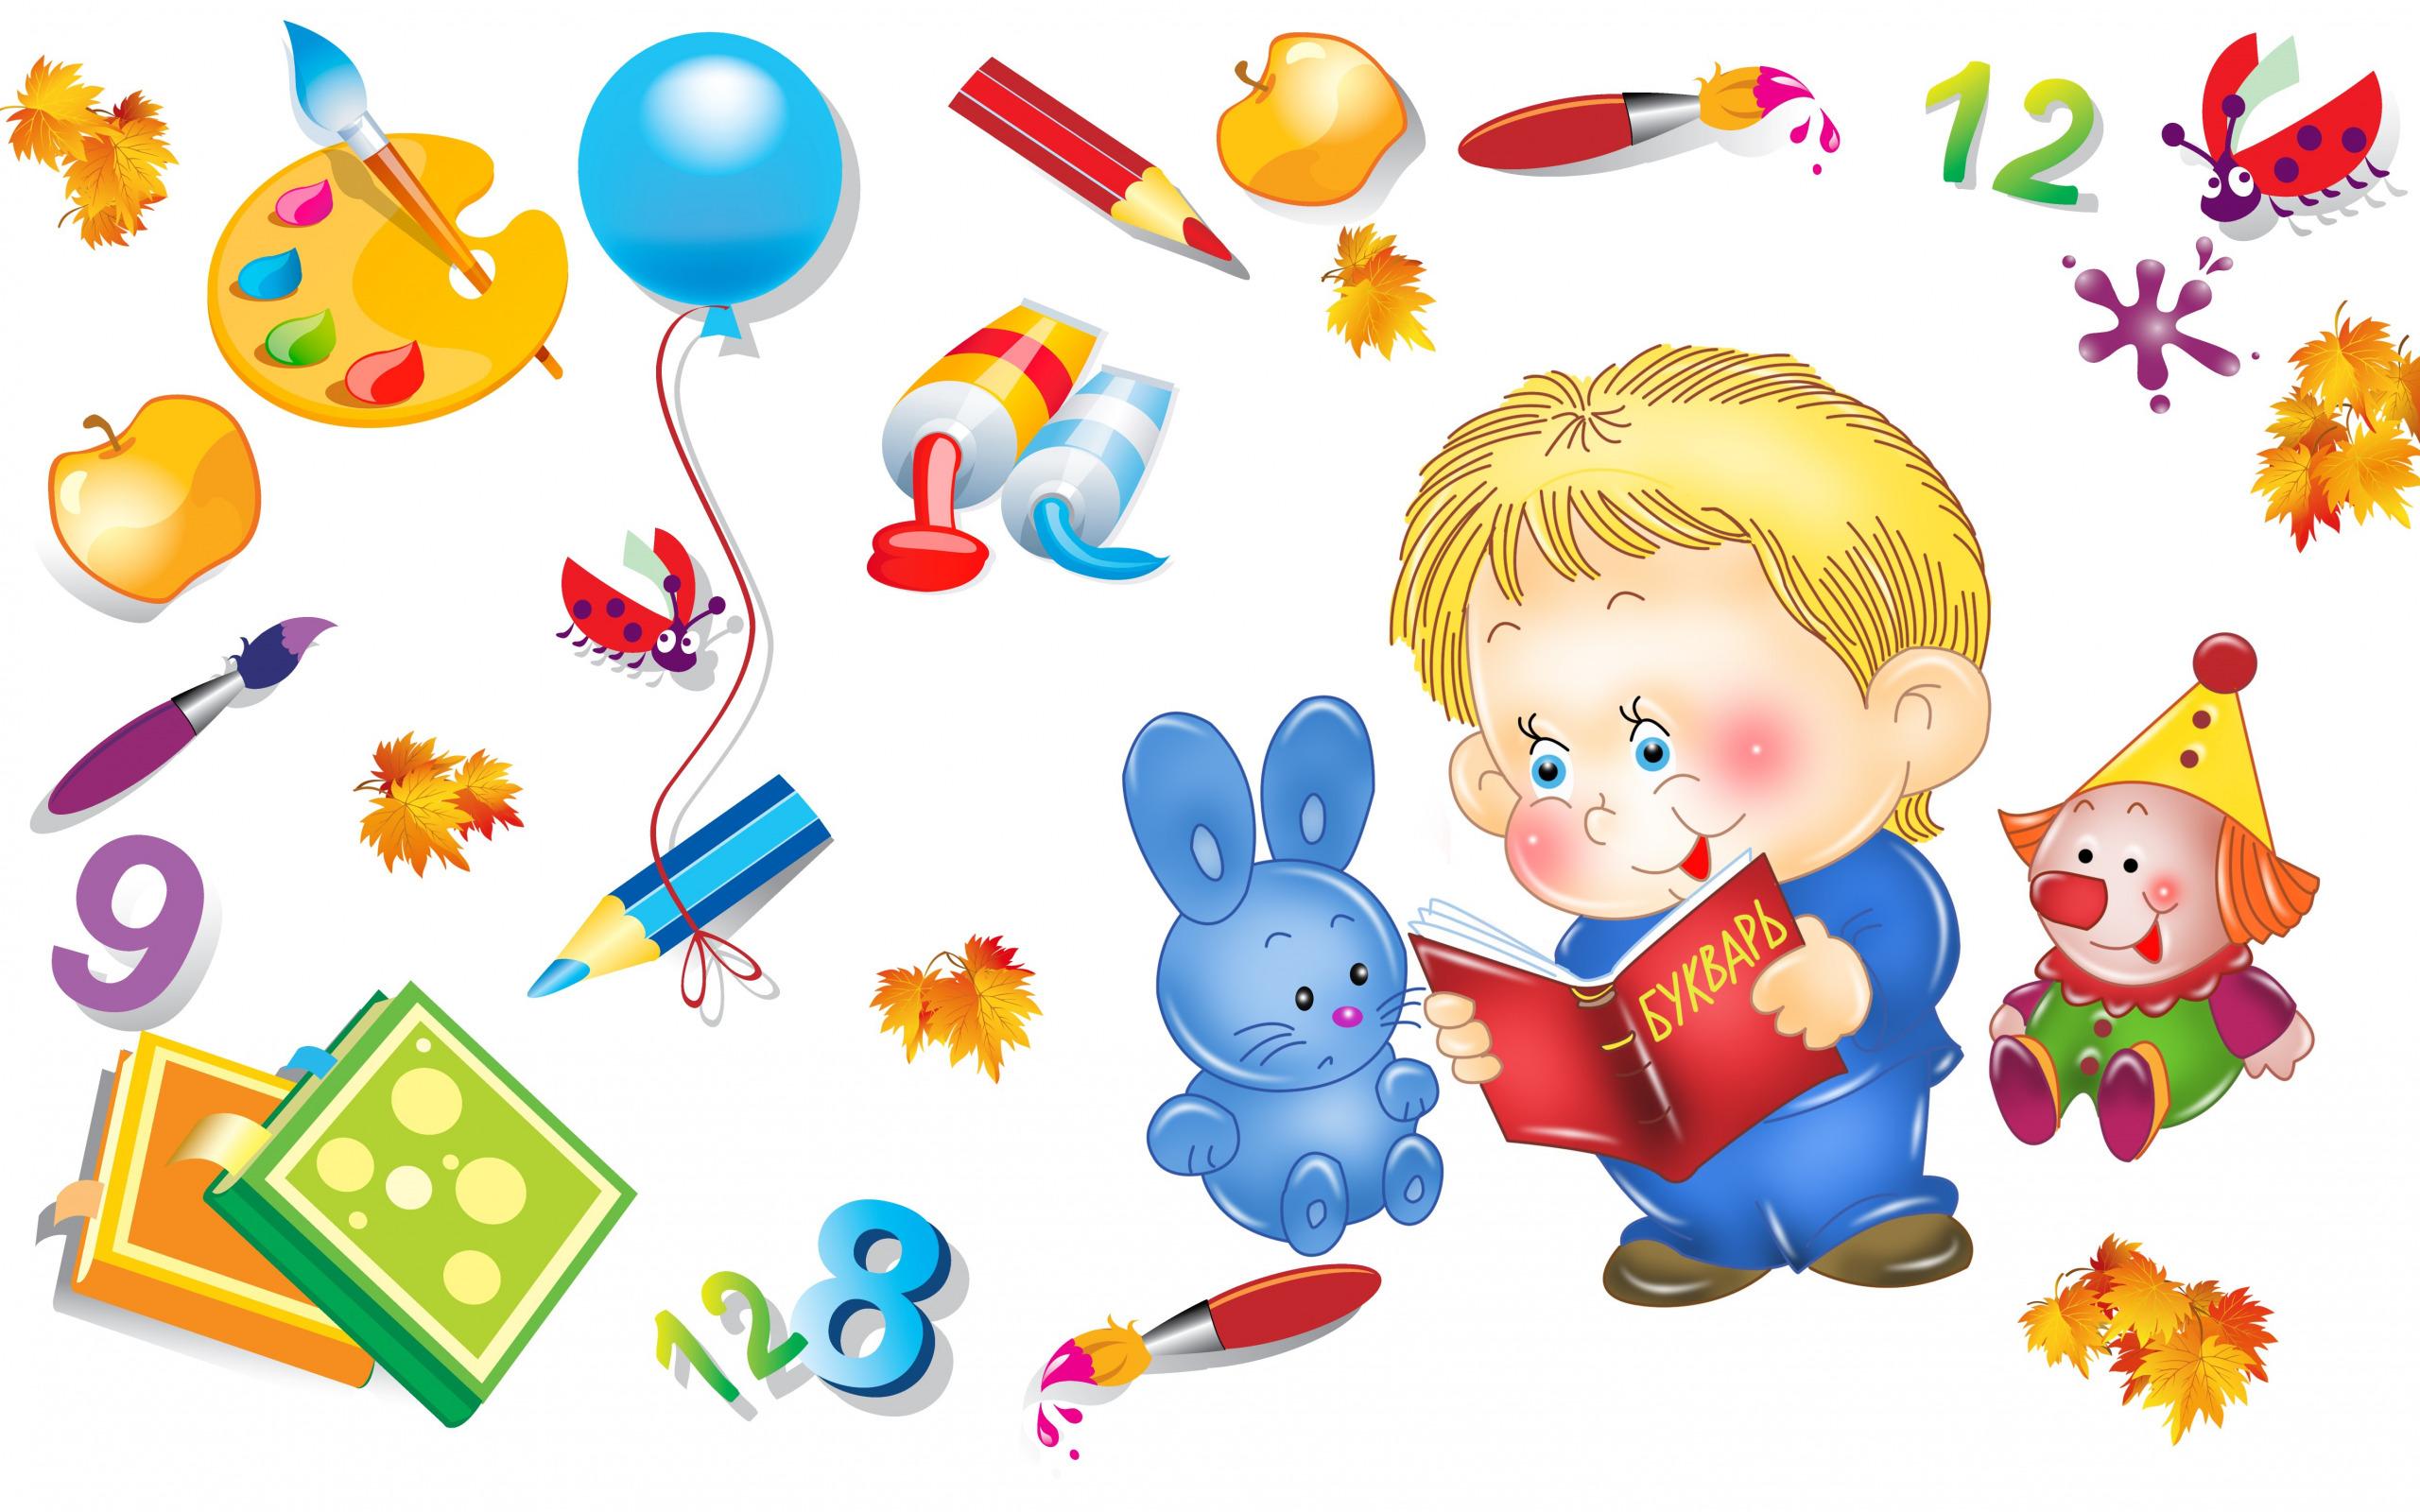 HDoboi.Kiev.ua - Букварь, 1 сентября, школа, перемена, день знаний, ученик